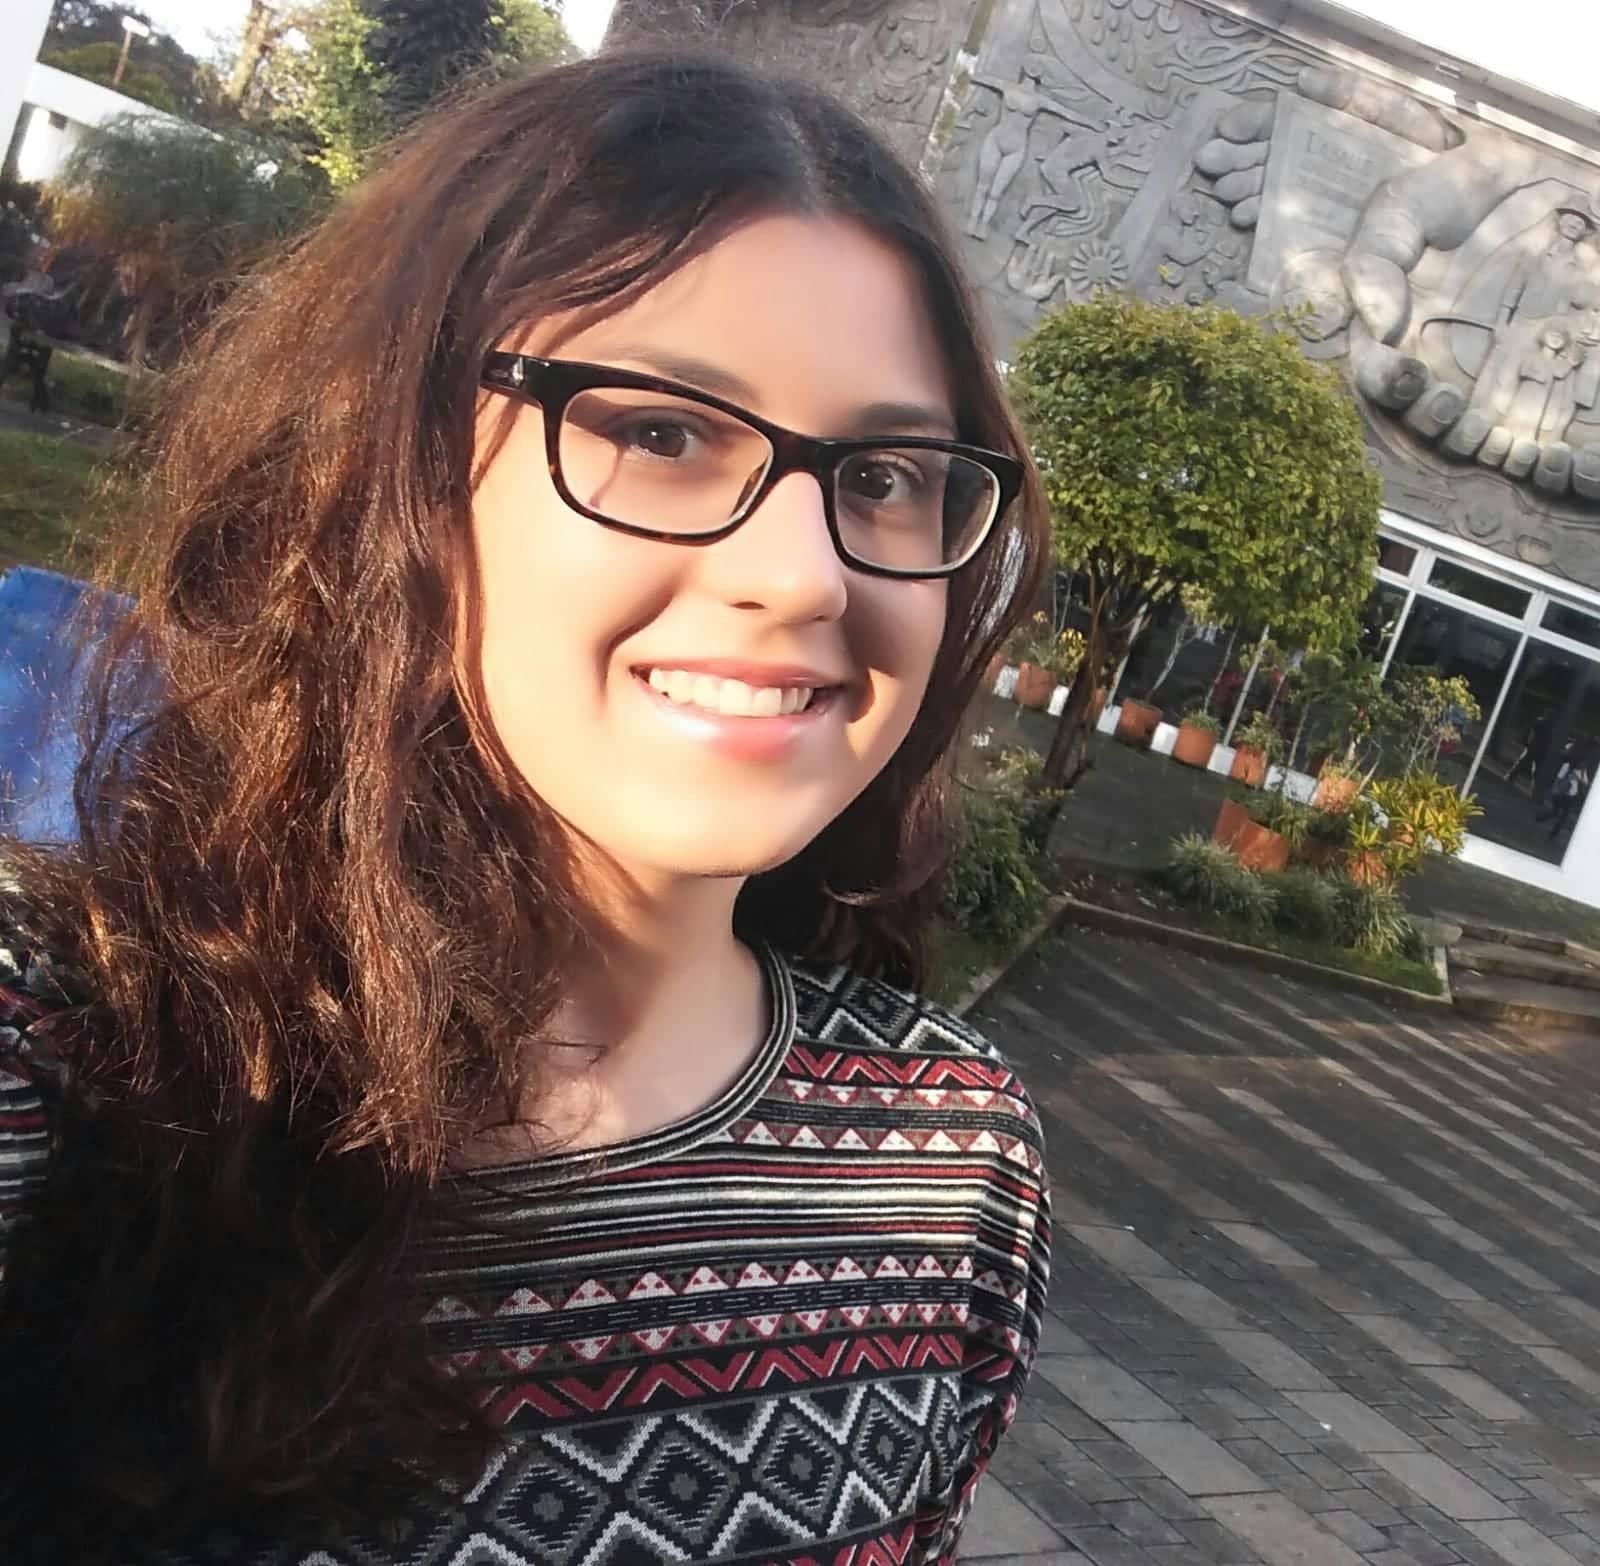 Marija Šipka